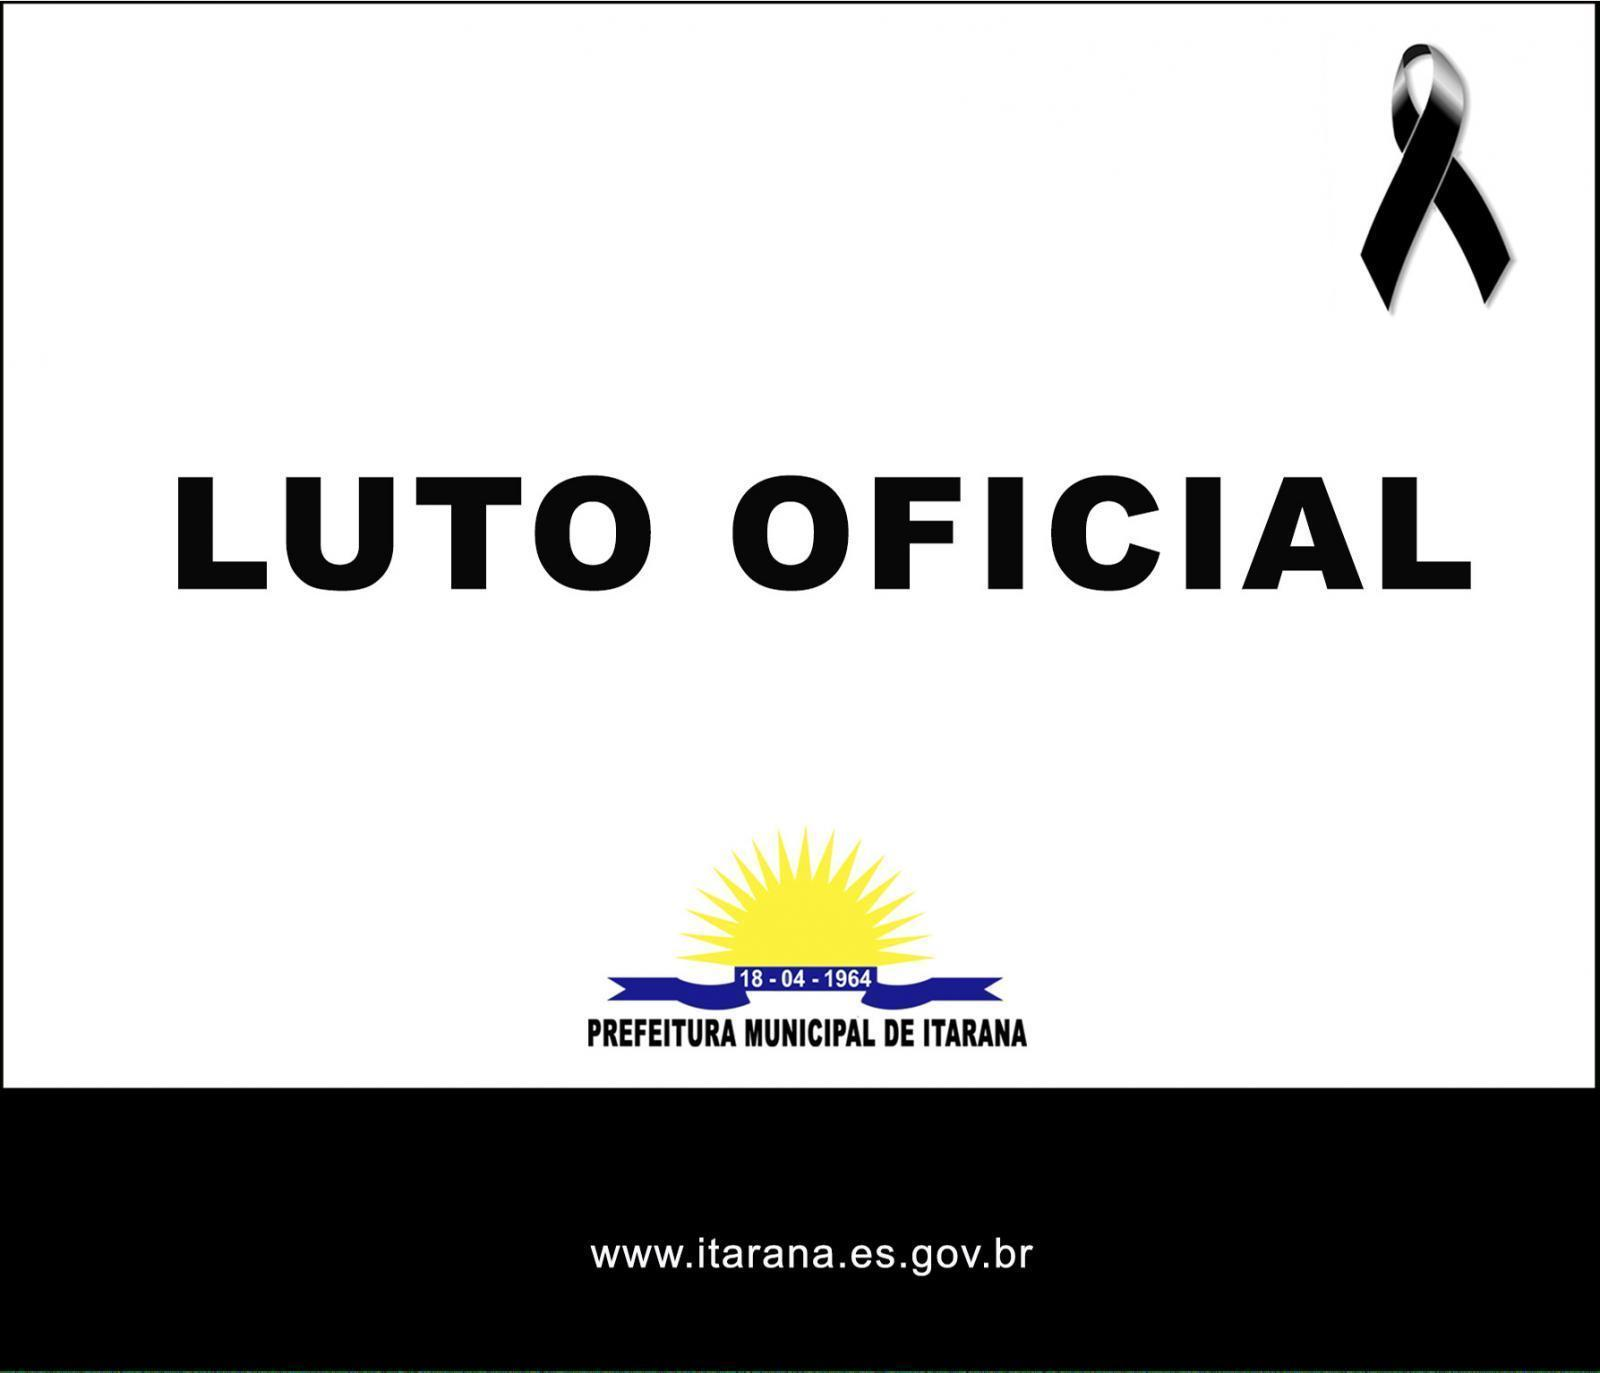 Prefeitura decreta luto oficial de três dias pelo falecimento do ex-presidente da Câmara Municipal de Itarana Mozart Alves De Araújo